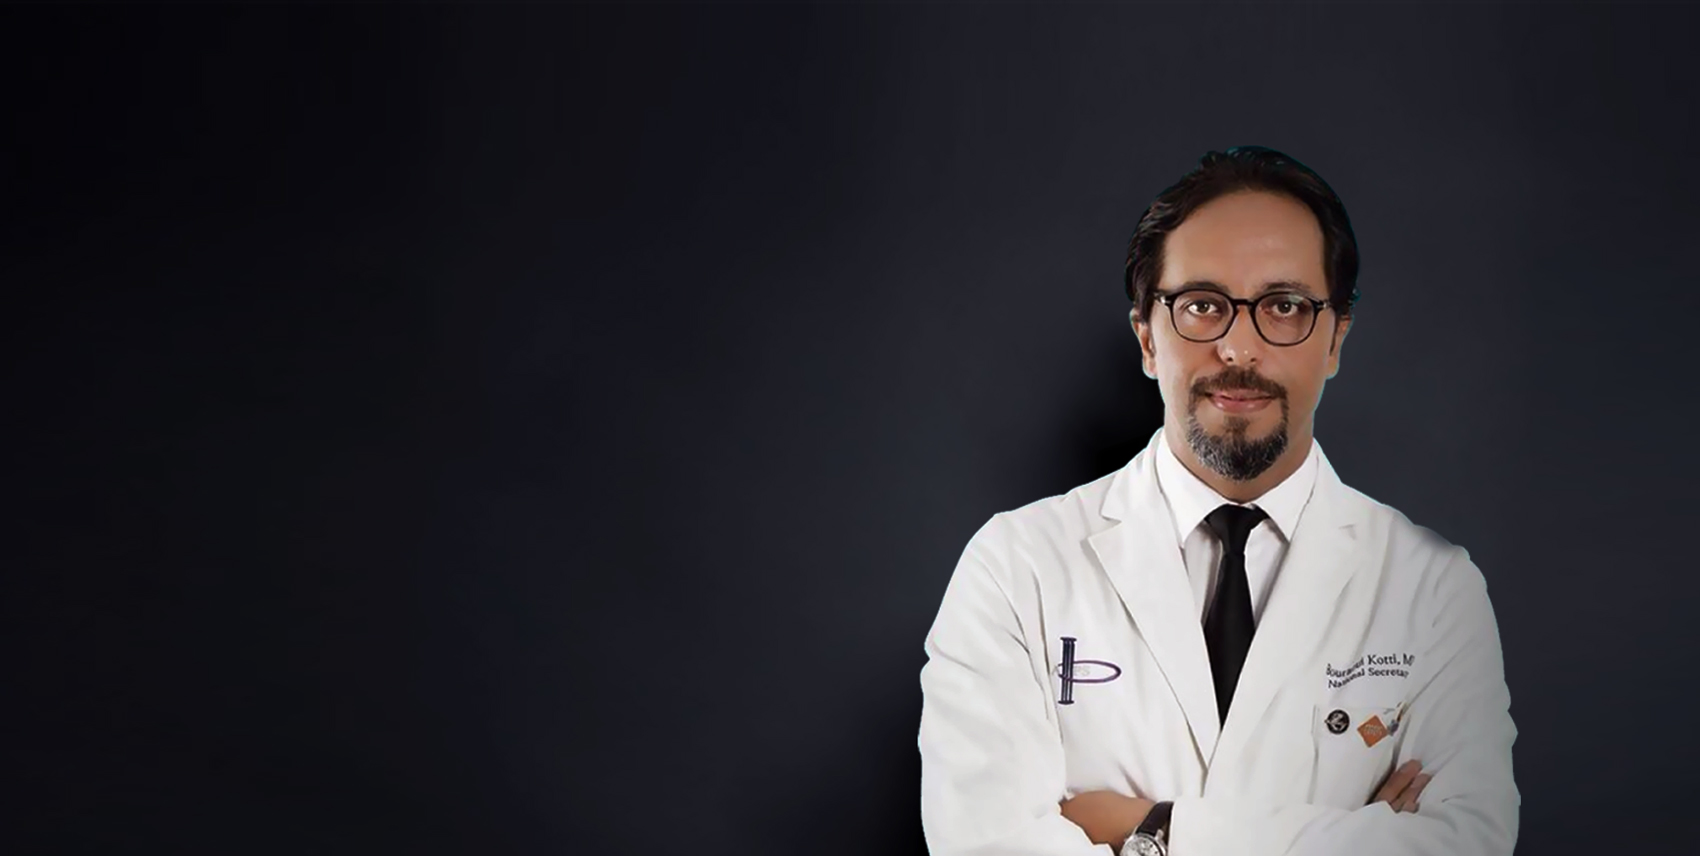 Dr-kotti-bouraoui-plastic-surgery